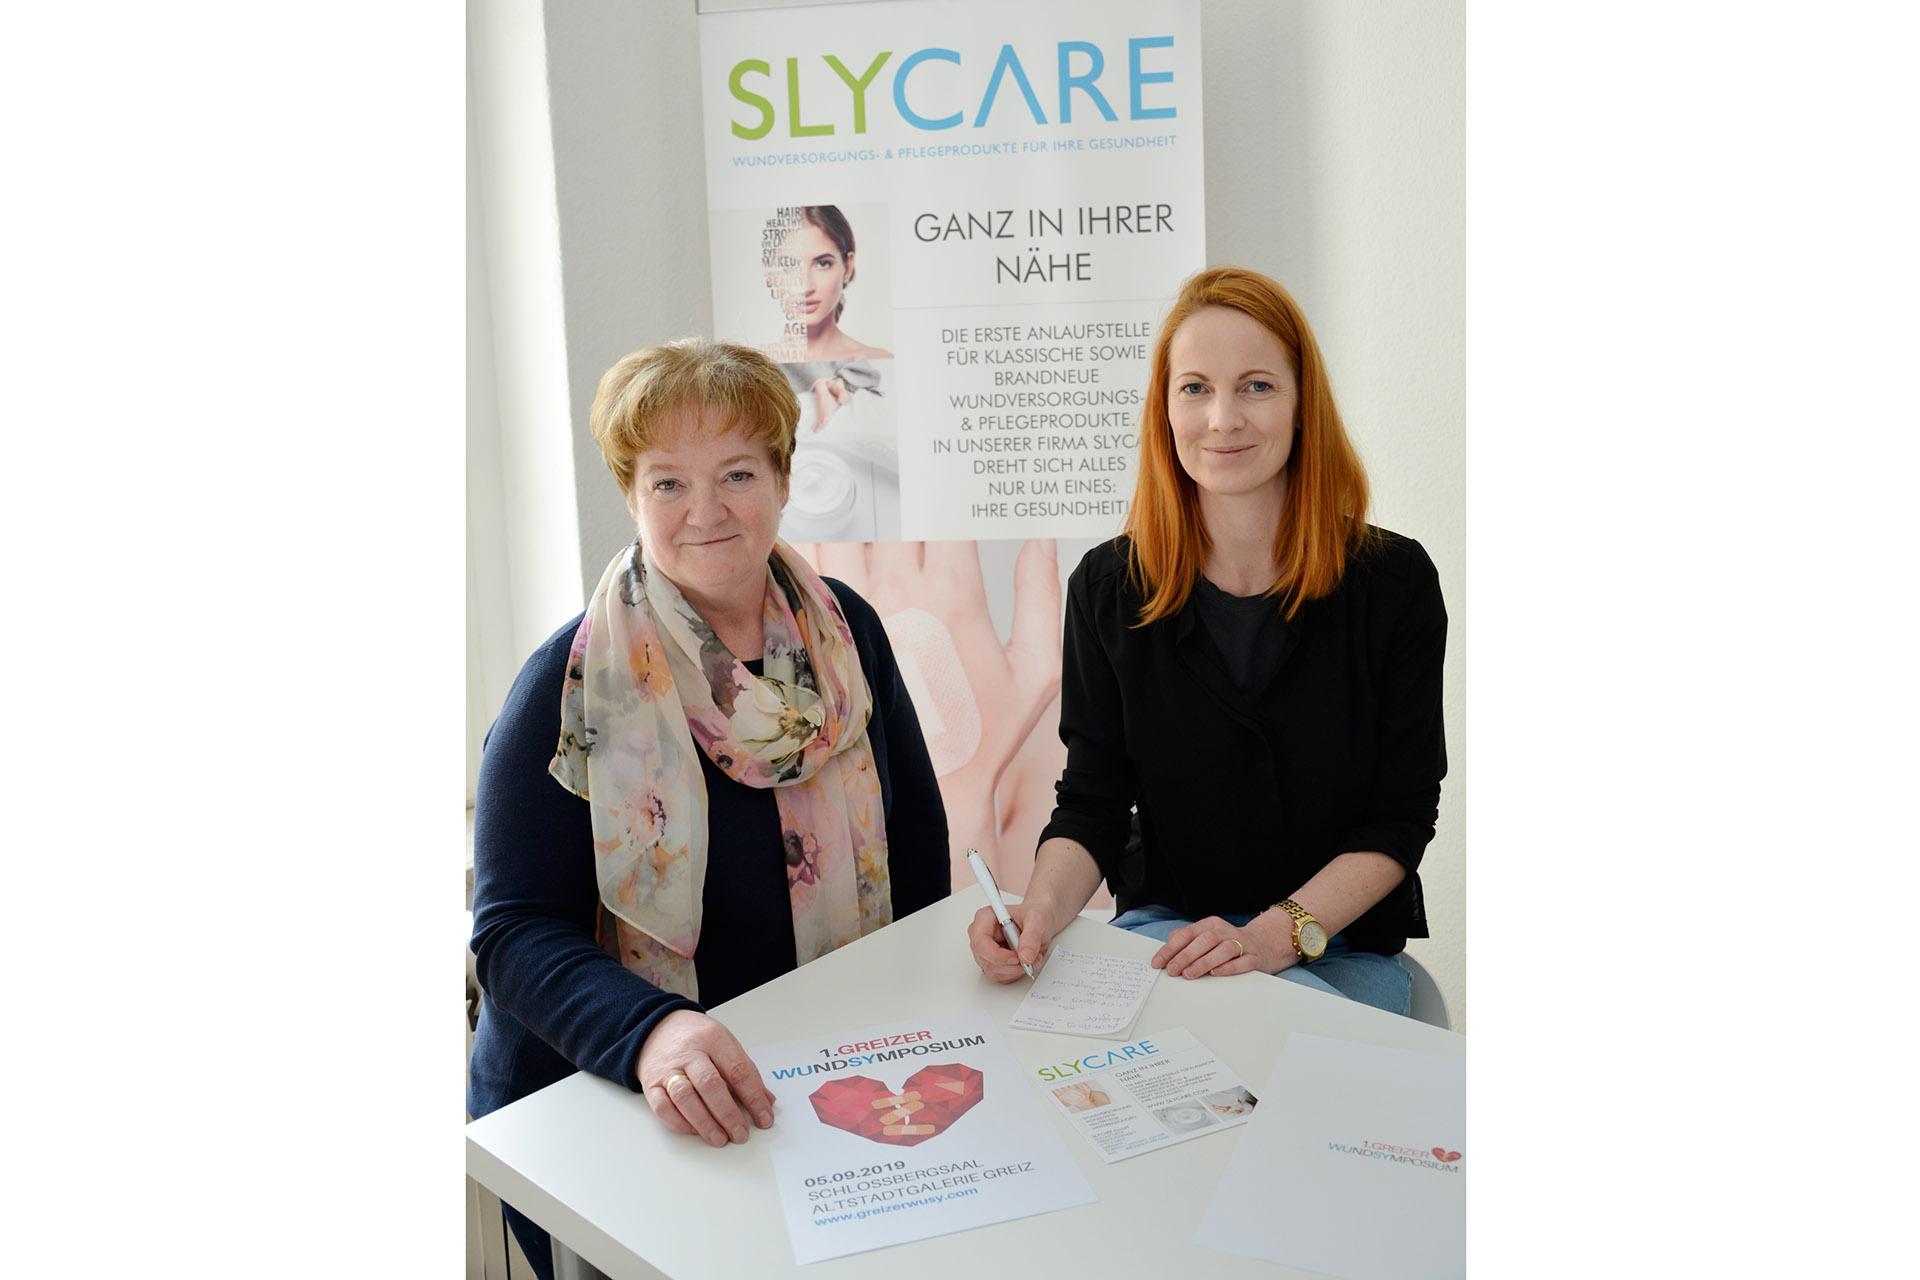 SLYCARE GmbH präsentiert: 1. Greizer  Wundsymposium – Medizinischer Fachkongress